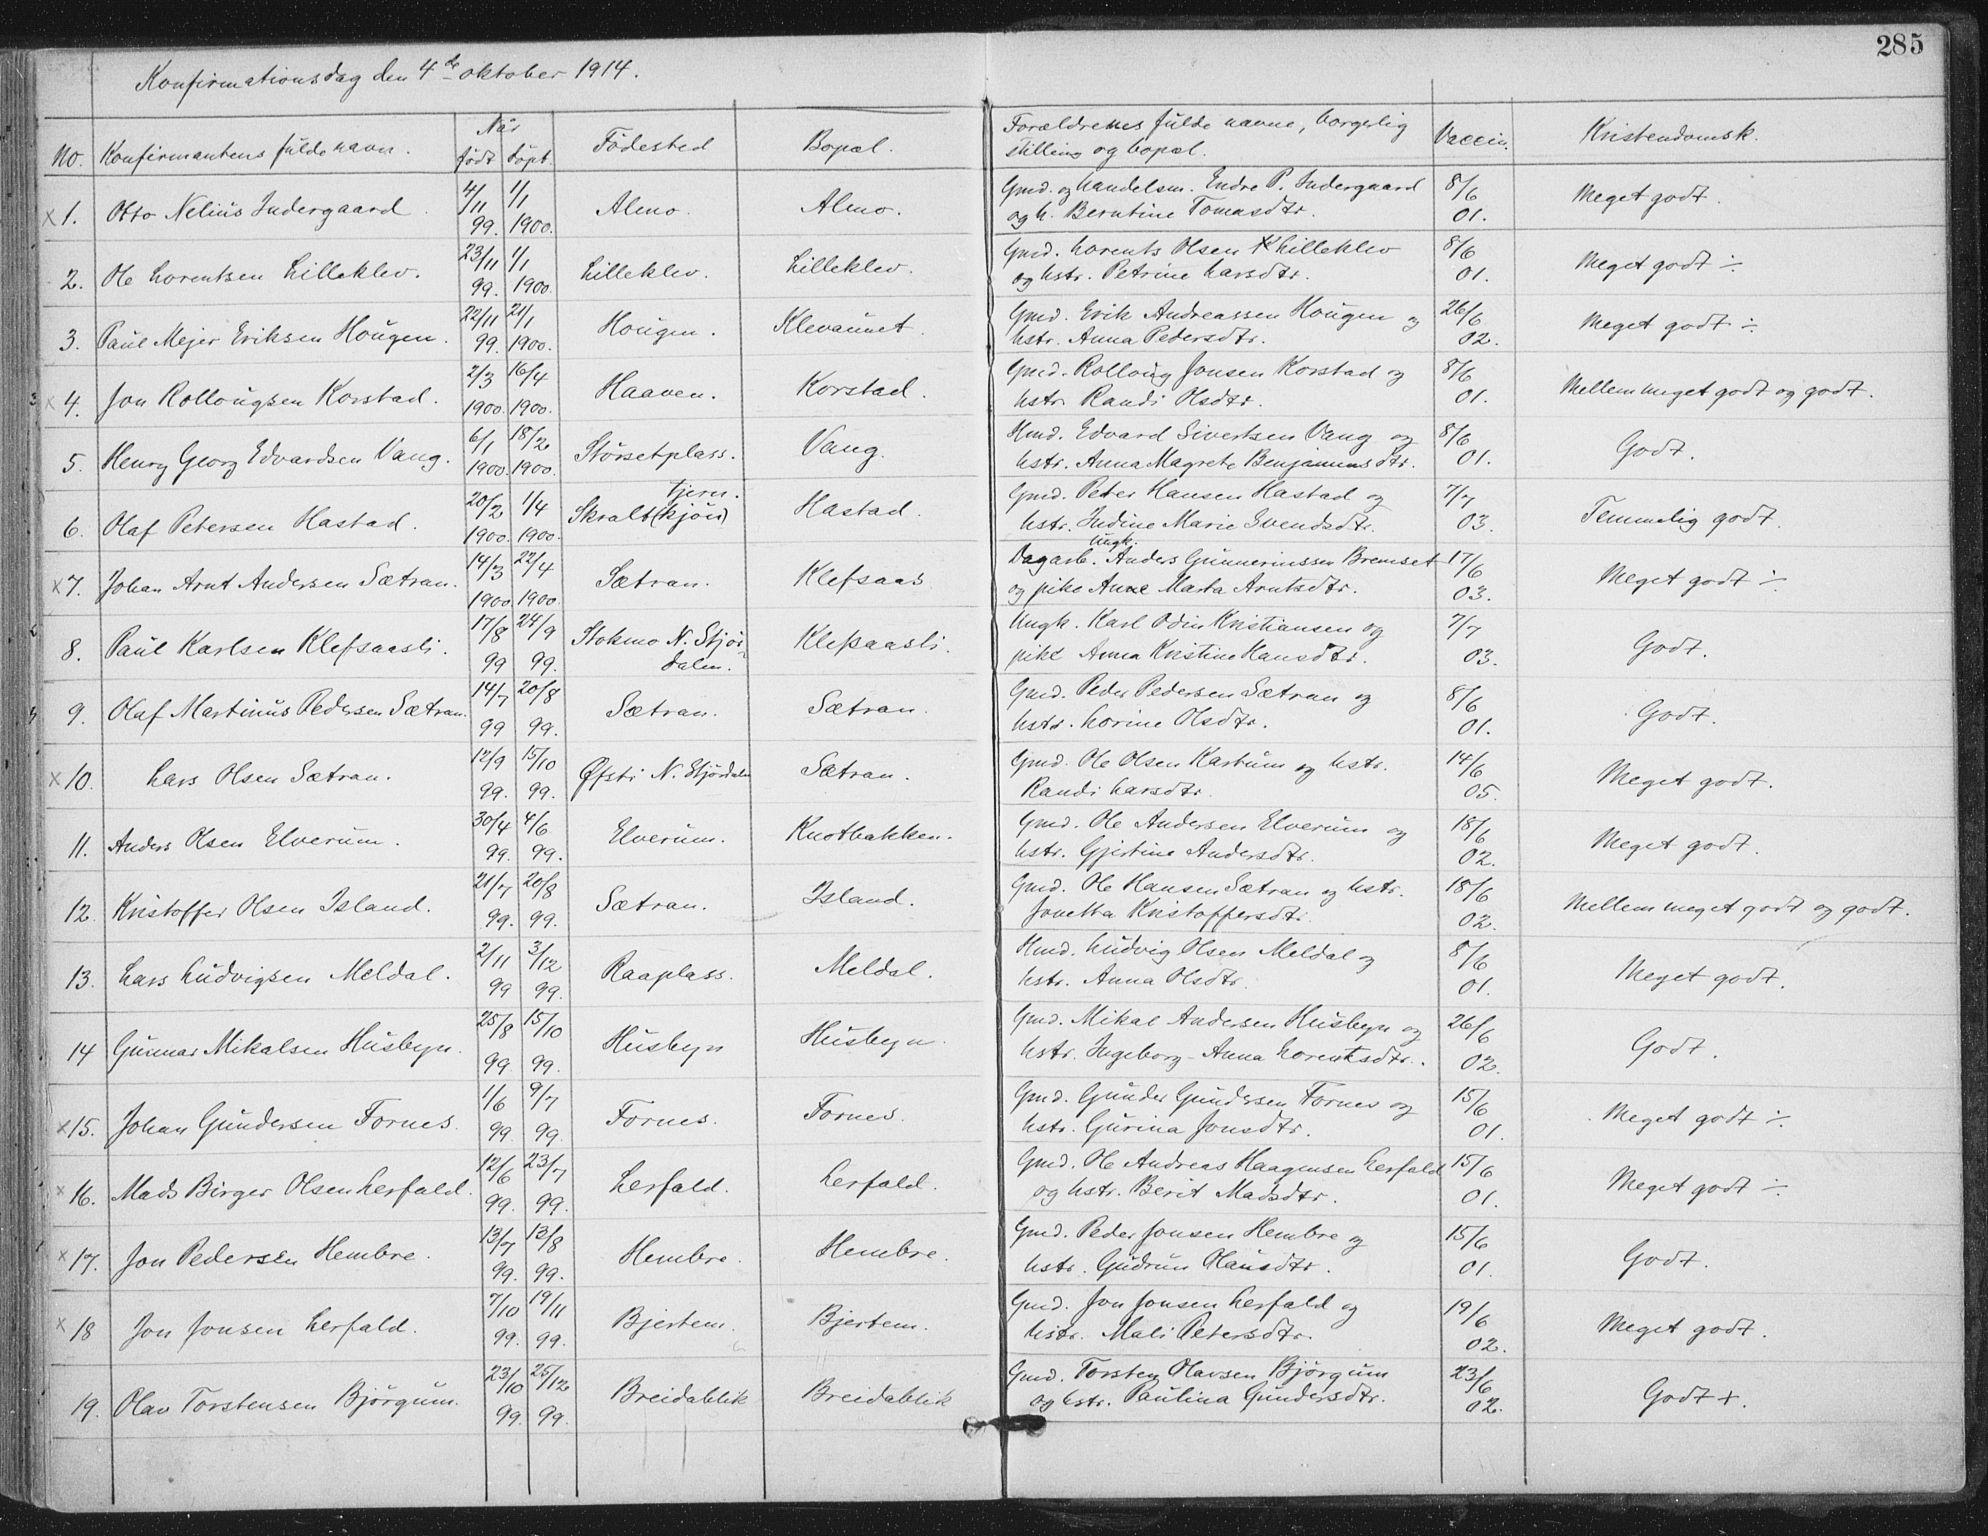 SAT, Ministerialprotokoller, klokkerbøker og fødselsregistre - Nord-Trøndelag, 703/L0031: Ministerialbok nr. 703A04, 1893-1914, s. 285